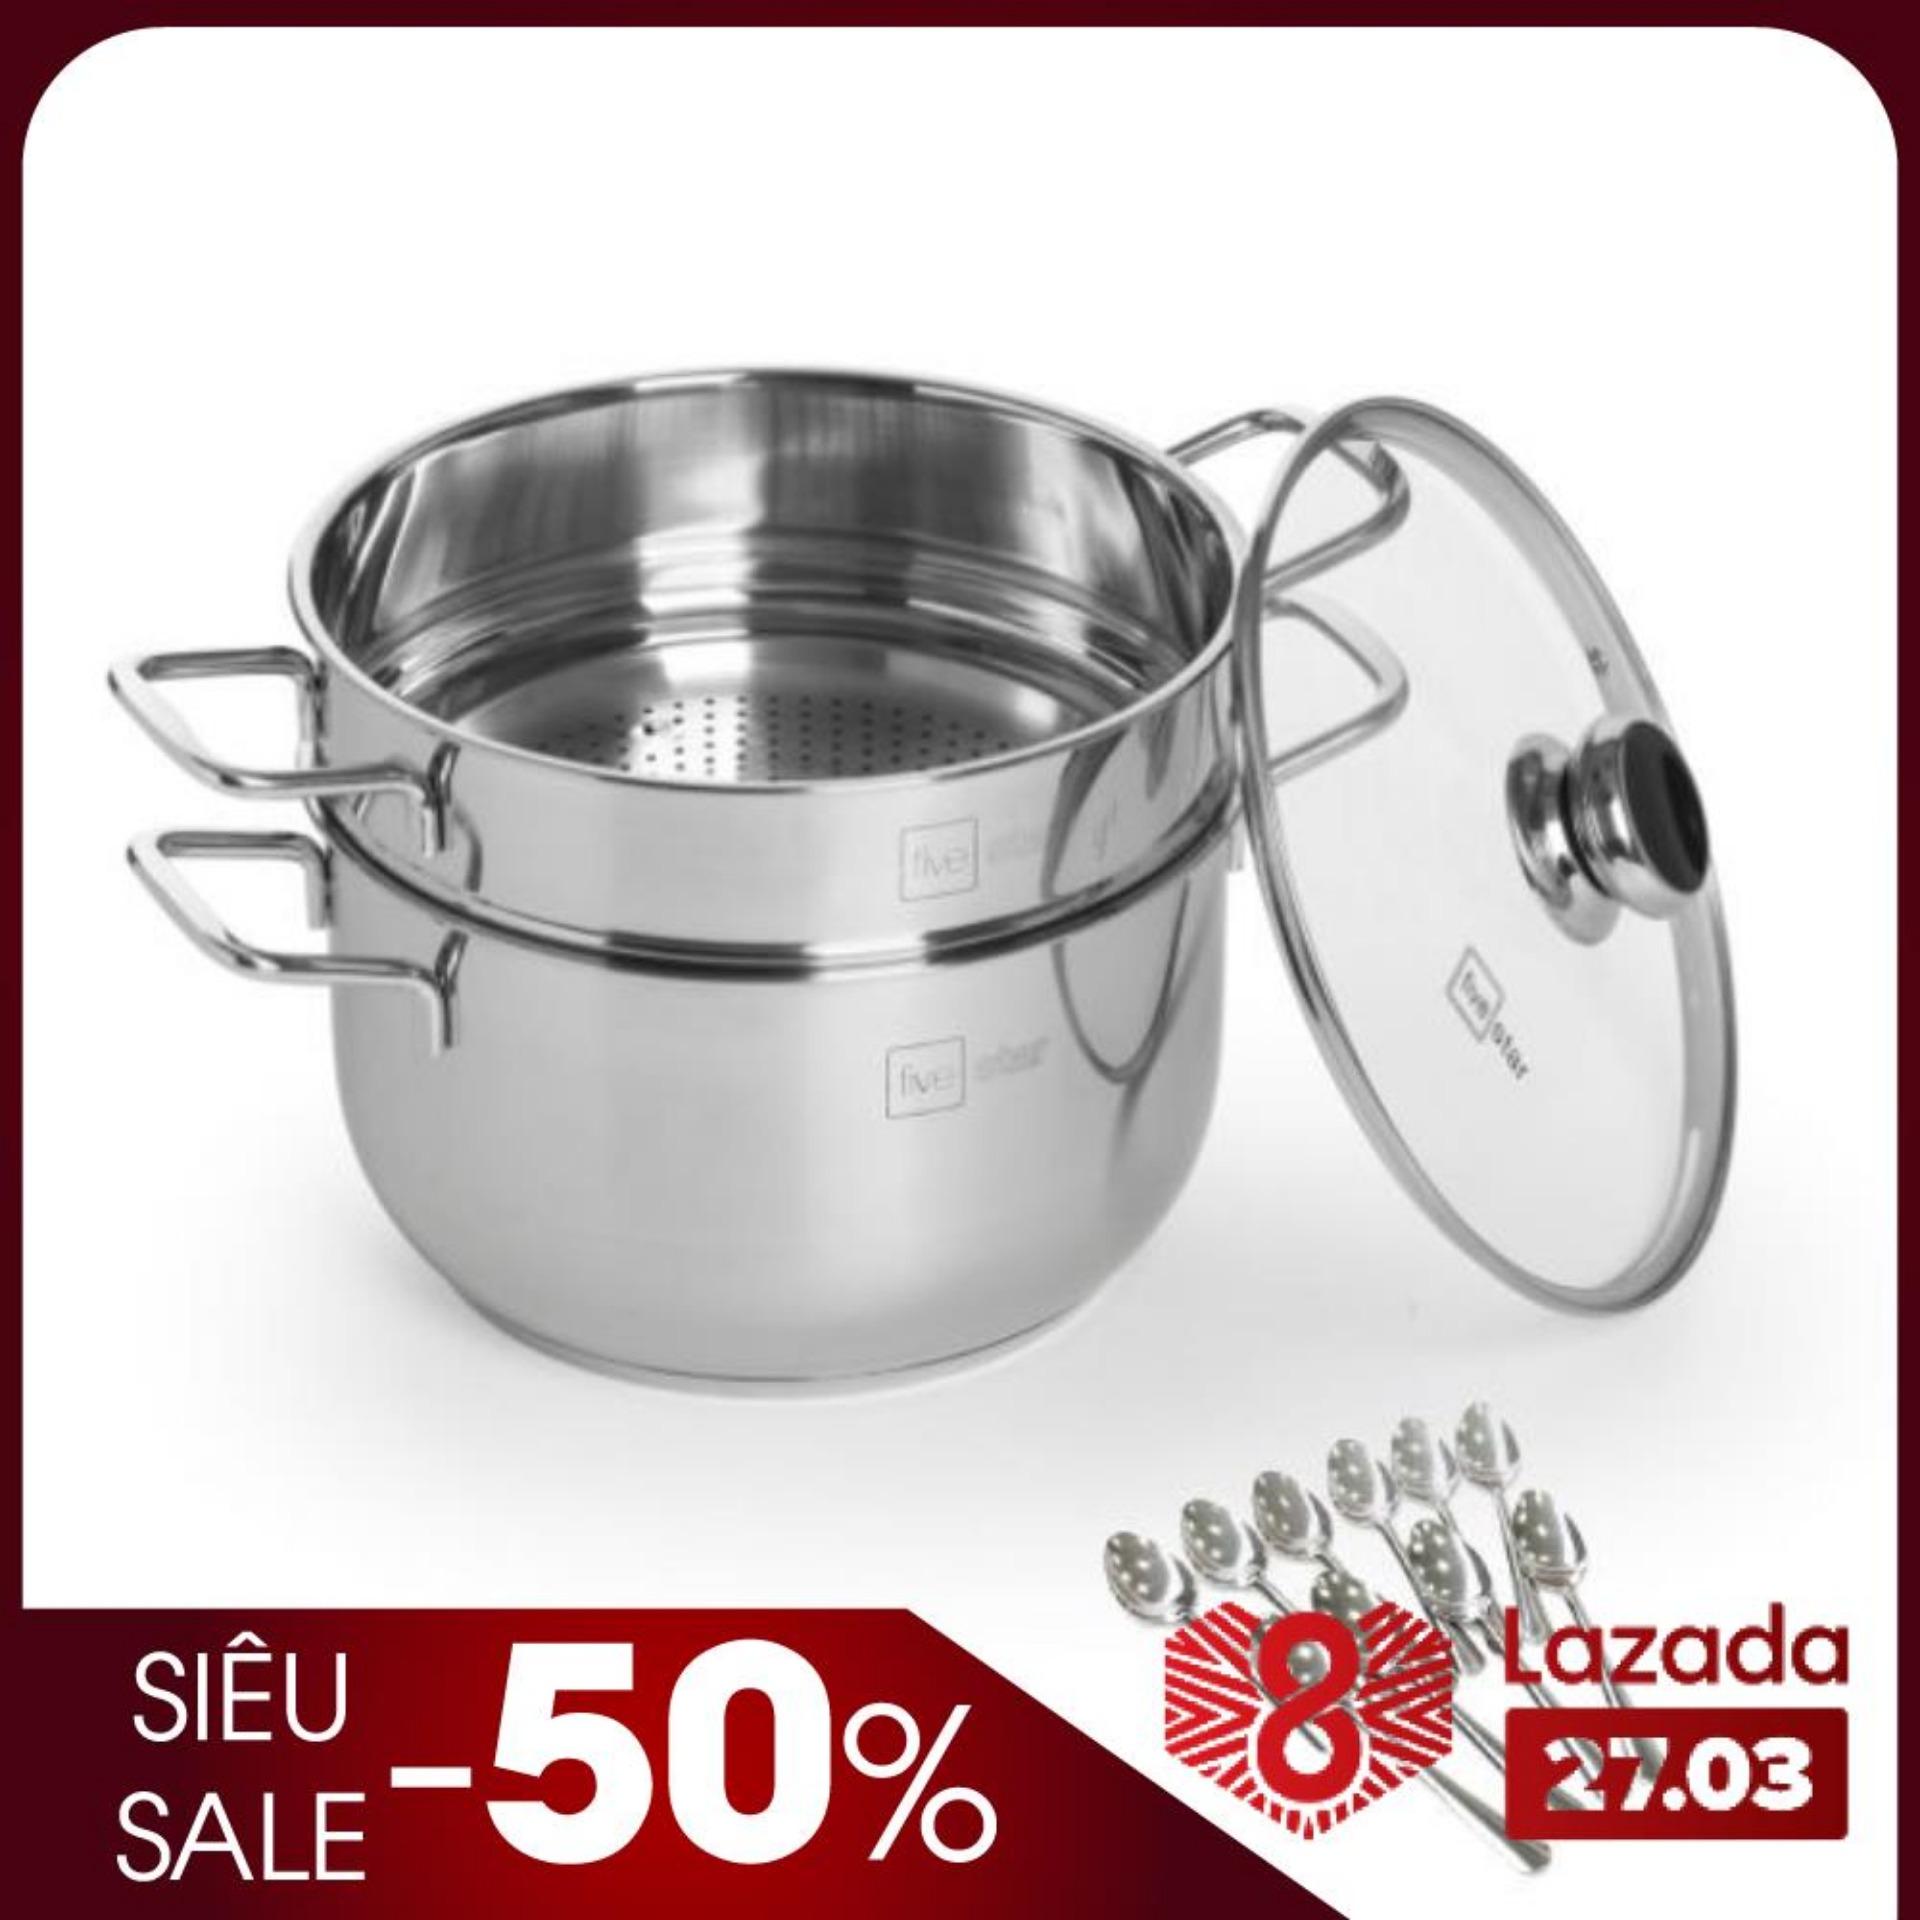 Bộ xửng hấp 3 đáy inox 430 FiveStar Standard  bếp từ nắp kính tặng 5 muỗng ( 24cm /26cm / 28cm / 30cm )